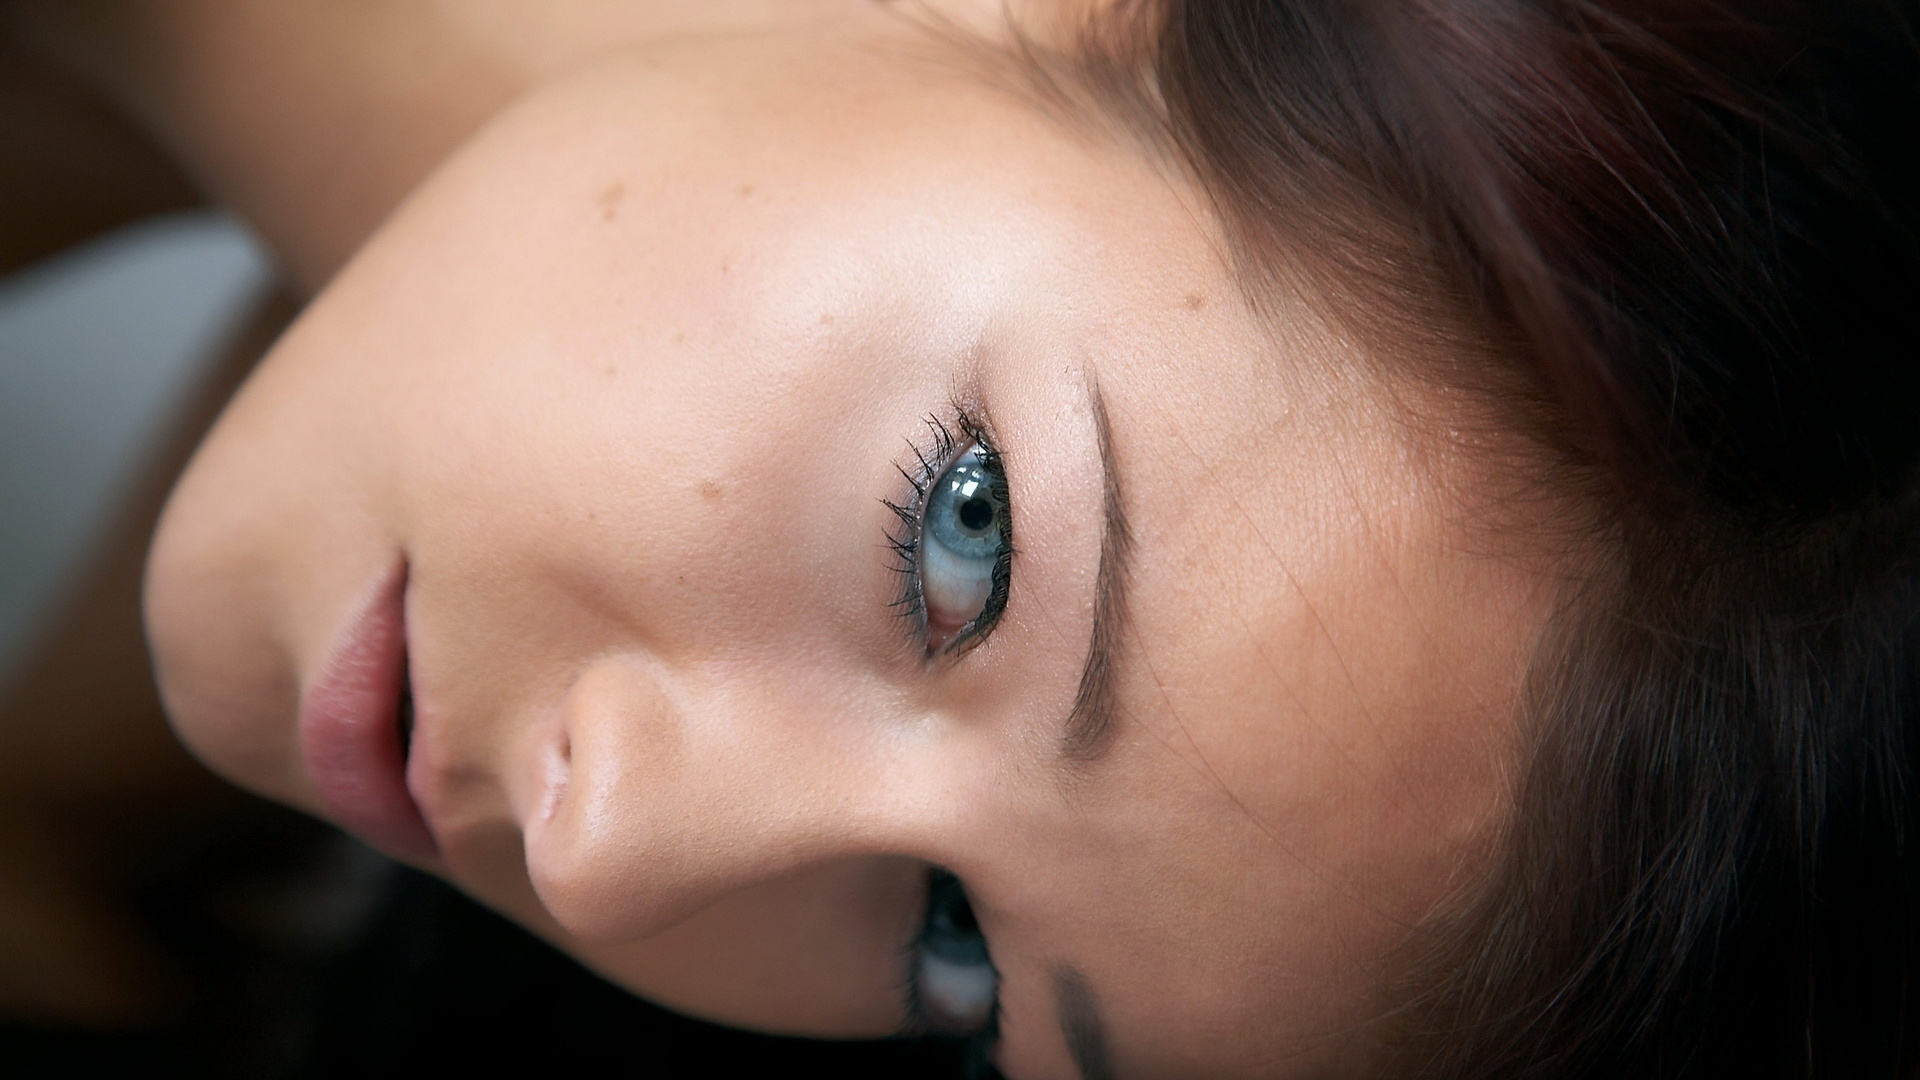 Сперма на лице ведущей, Порно видео Японская телеведущая и сперма 24 фотография